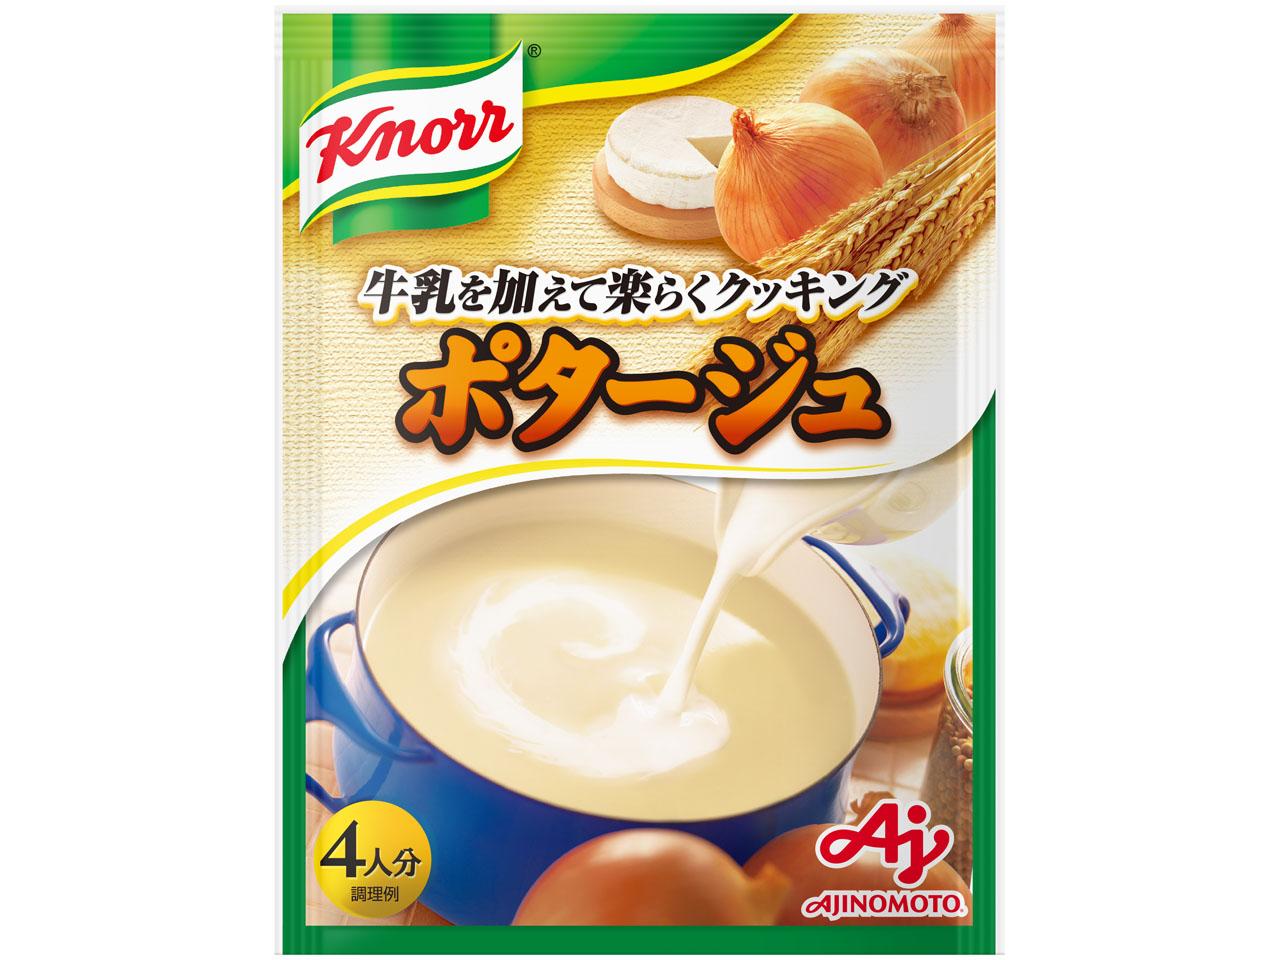 「クノール スープ」ポタージュ